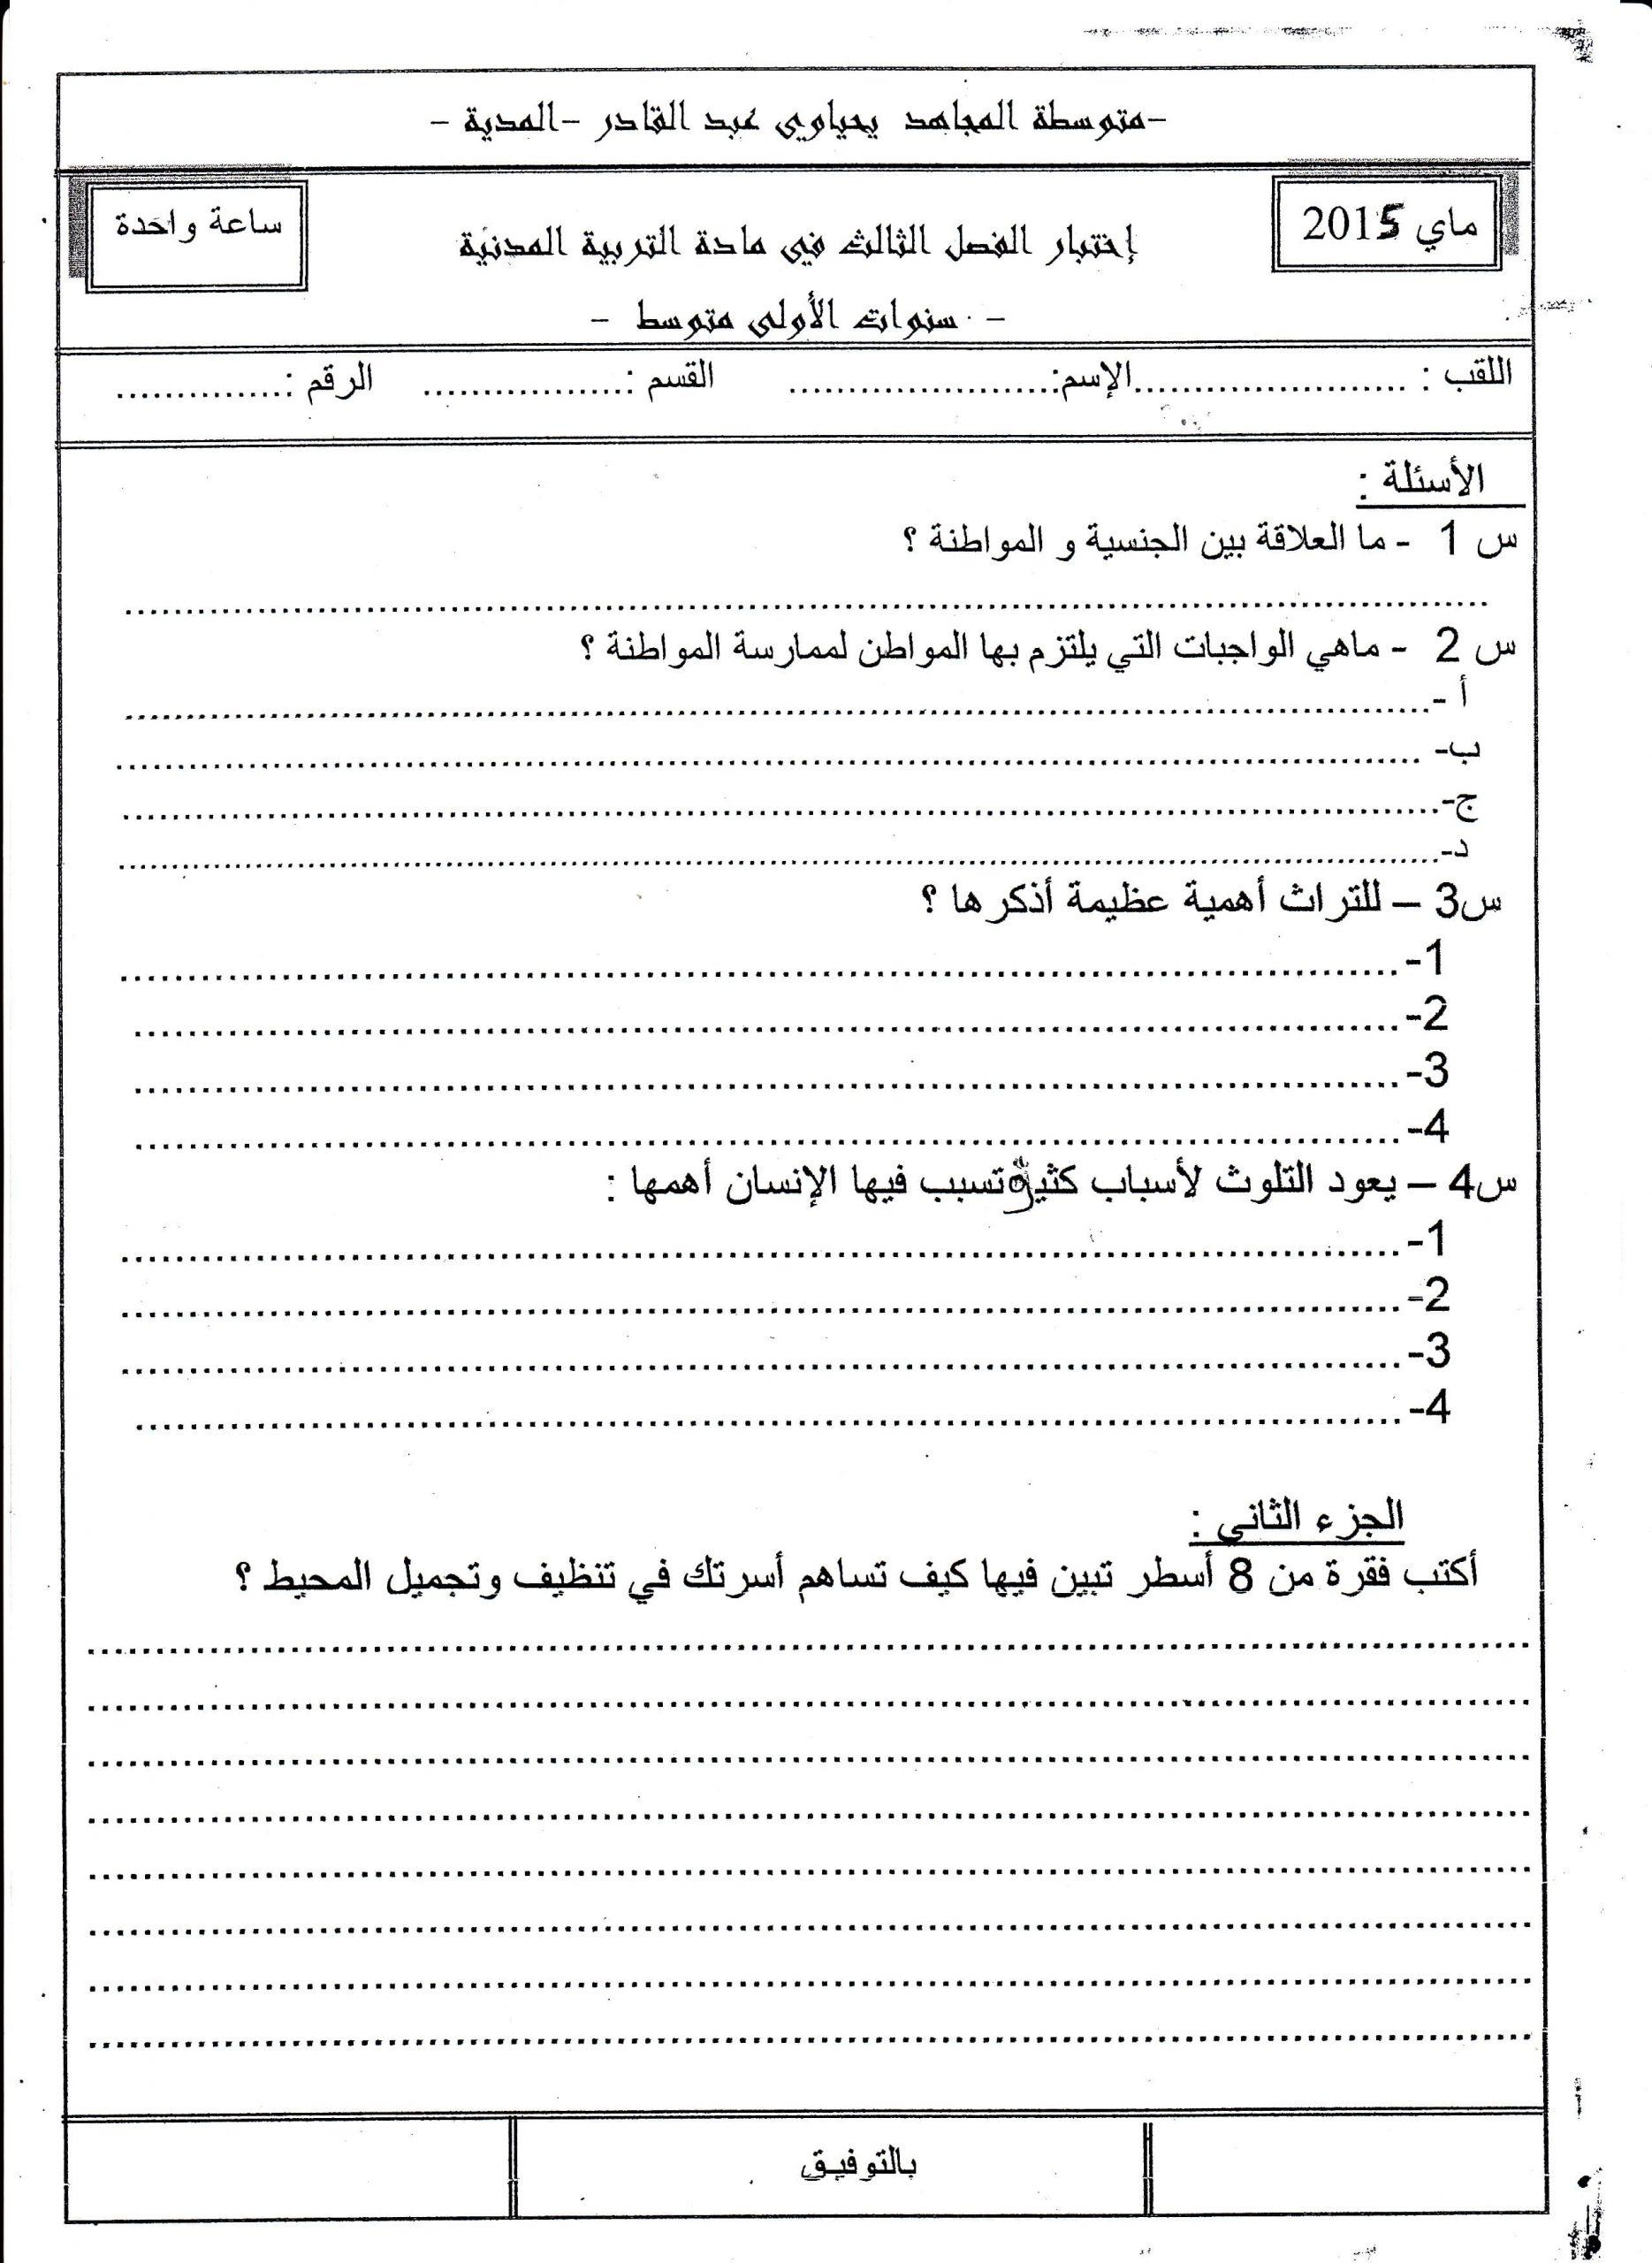 اختبار الفصل الثالث في التربية المدنية للسنة الأولى متوسط - الموضوع 04